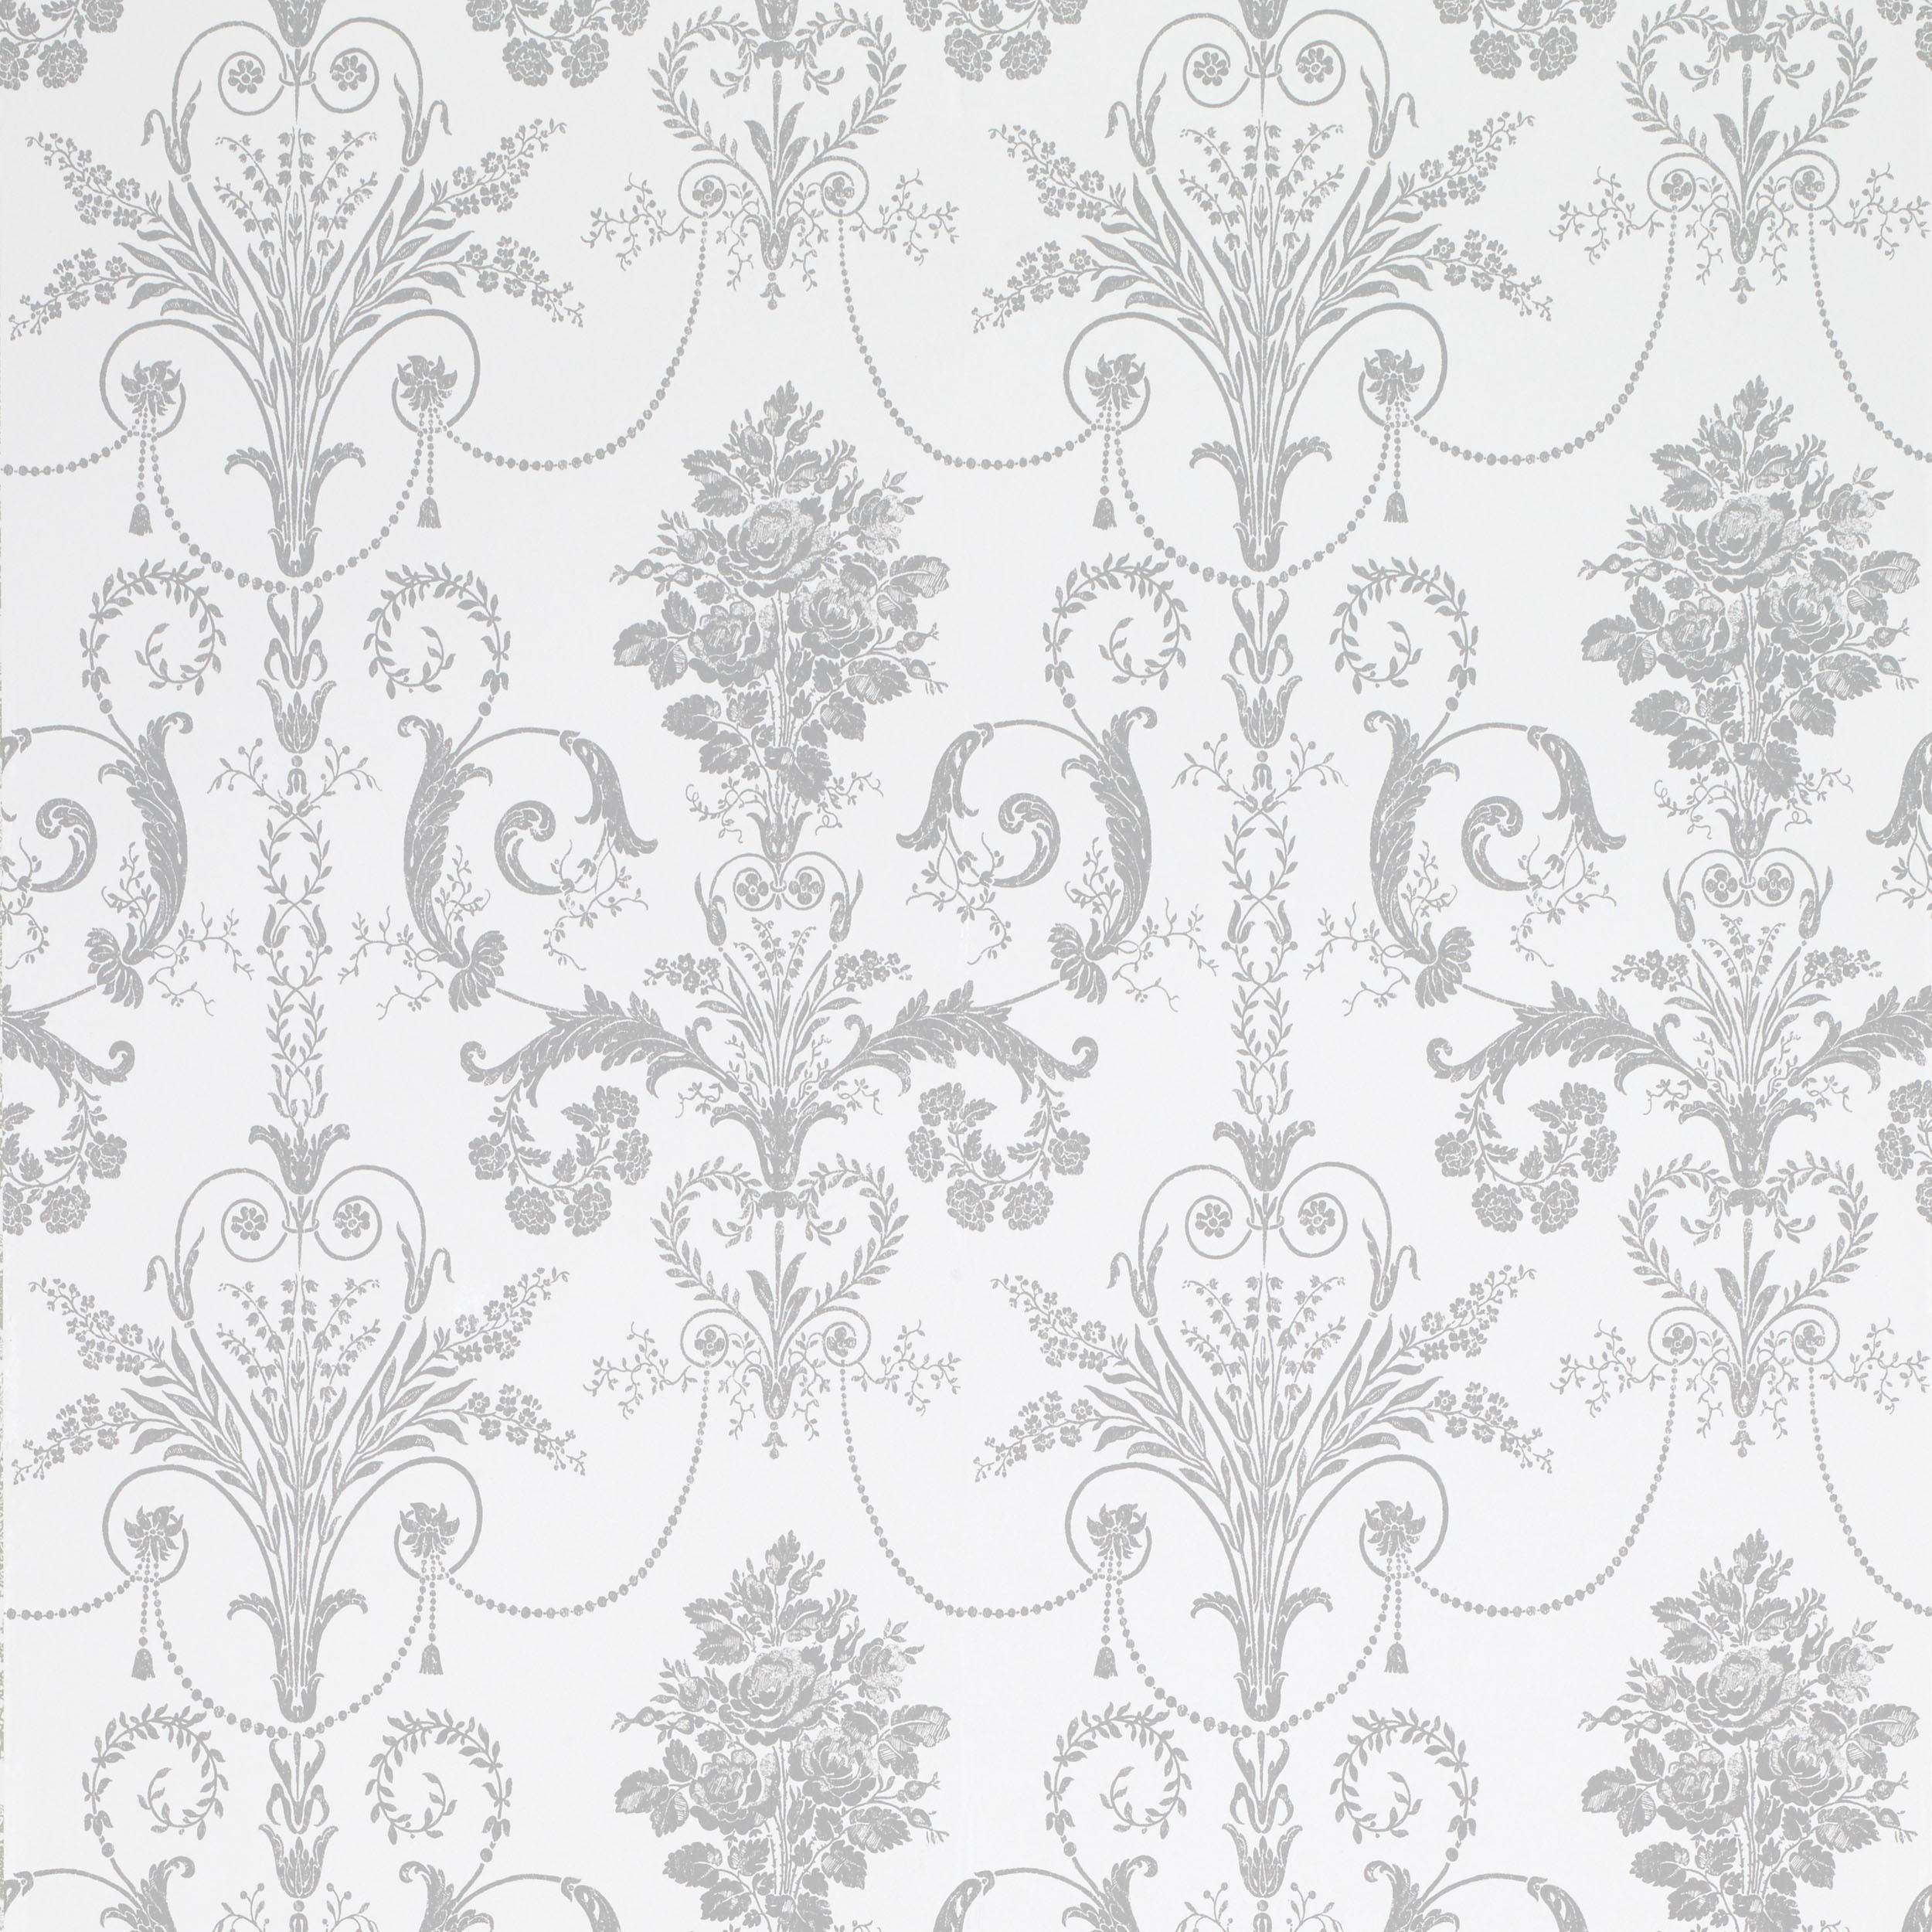 Comprar papel pintado Josette blanco y acero de diseño - Laura ...